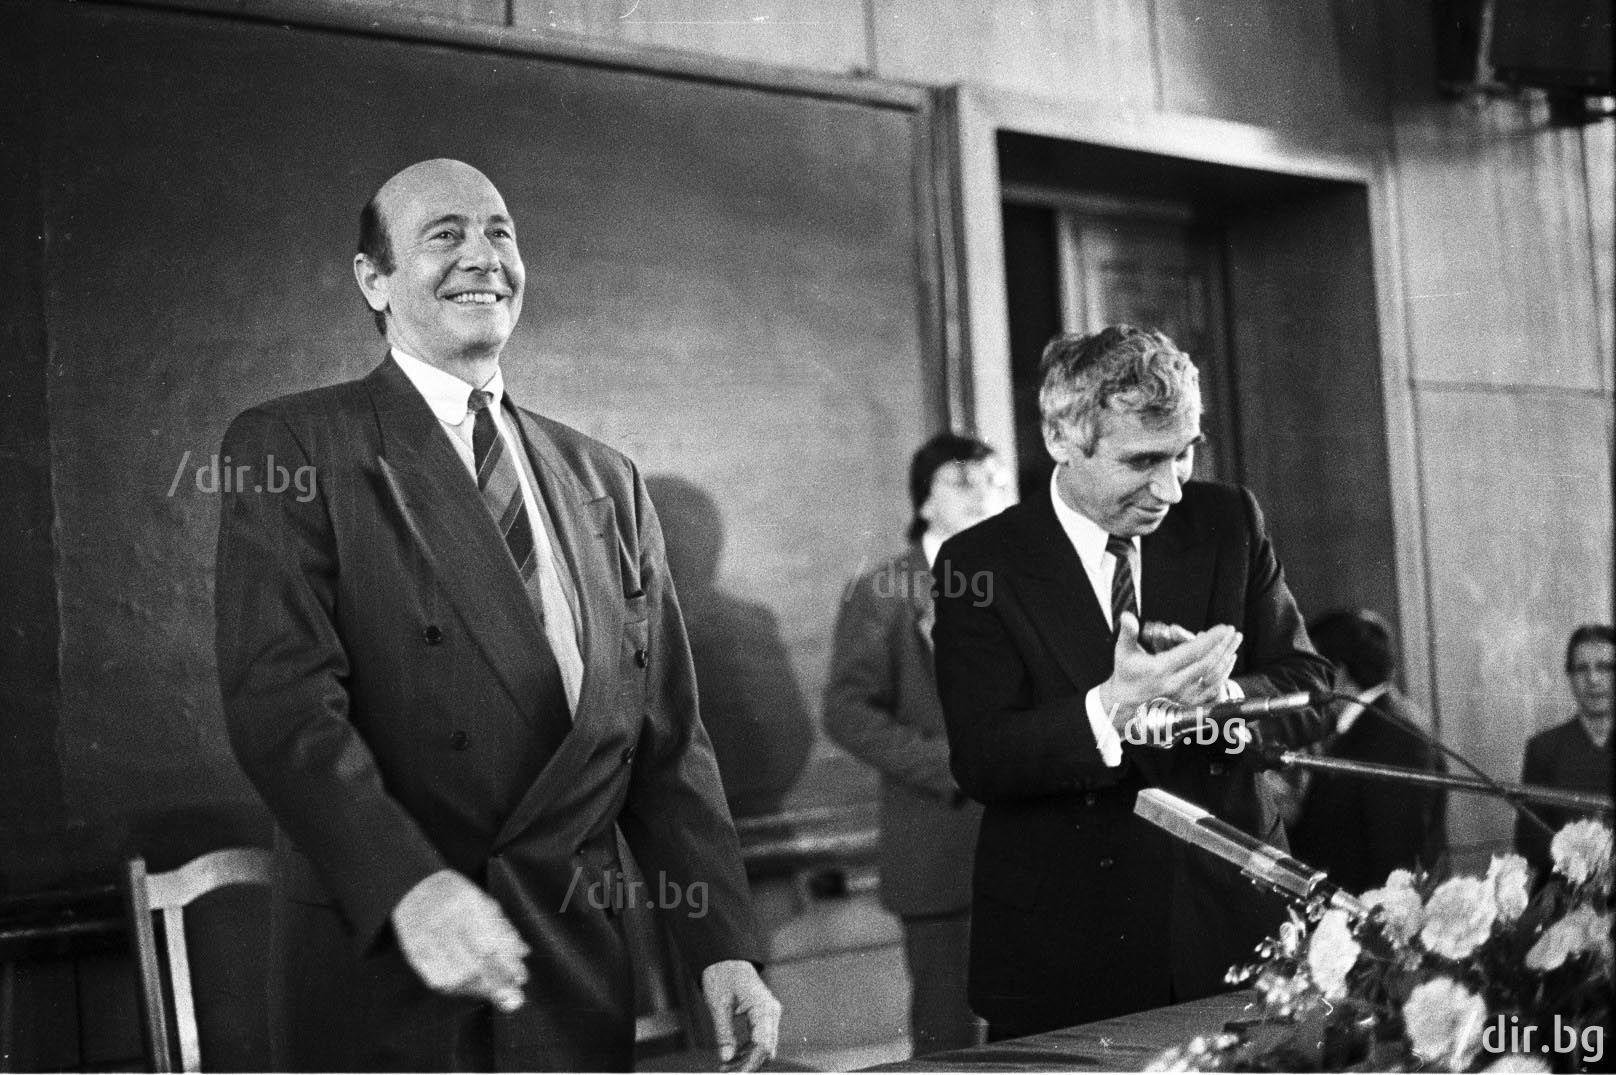 Генералният секретар на НАТО Манфред Вьорнер и президентът Желю Желев - 1991 г.